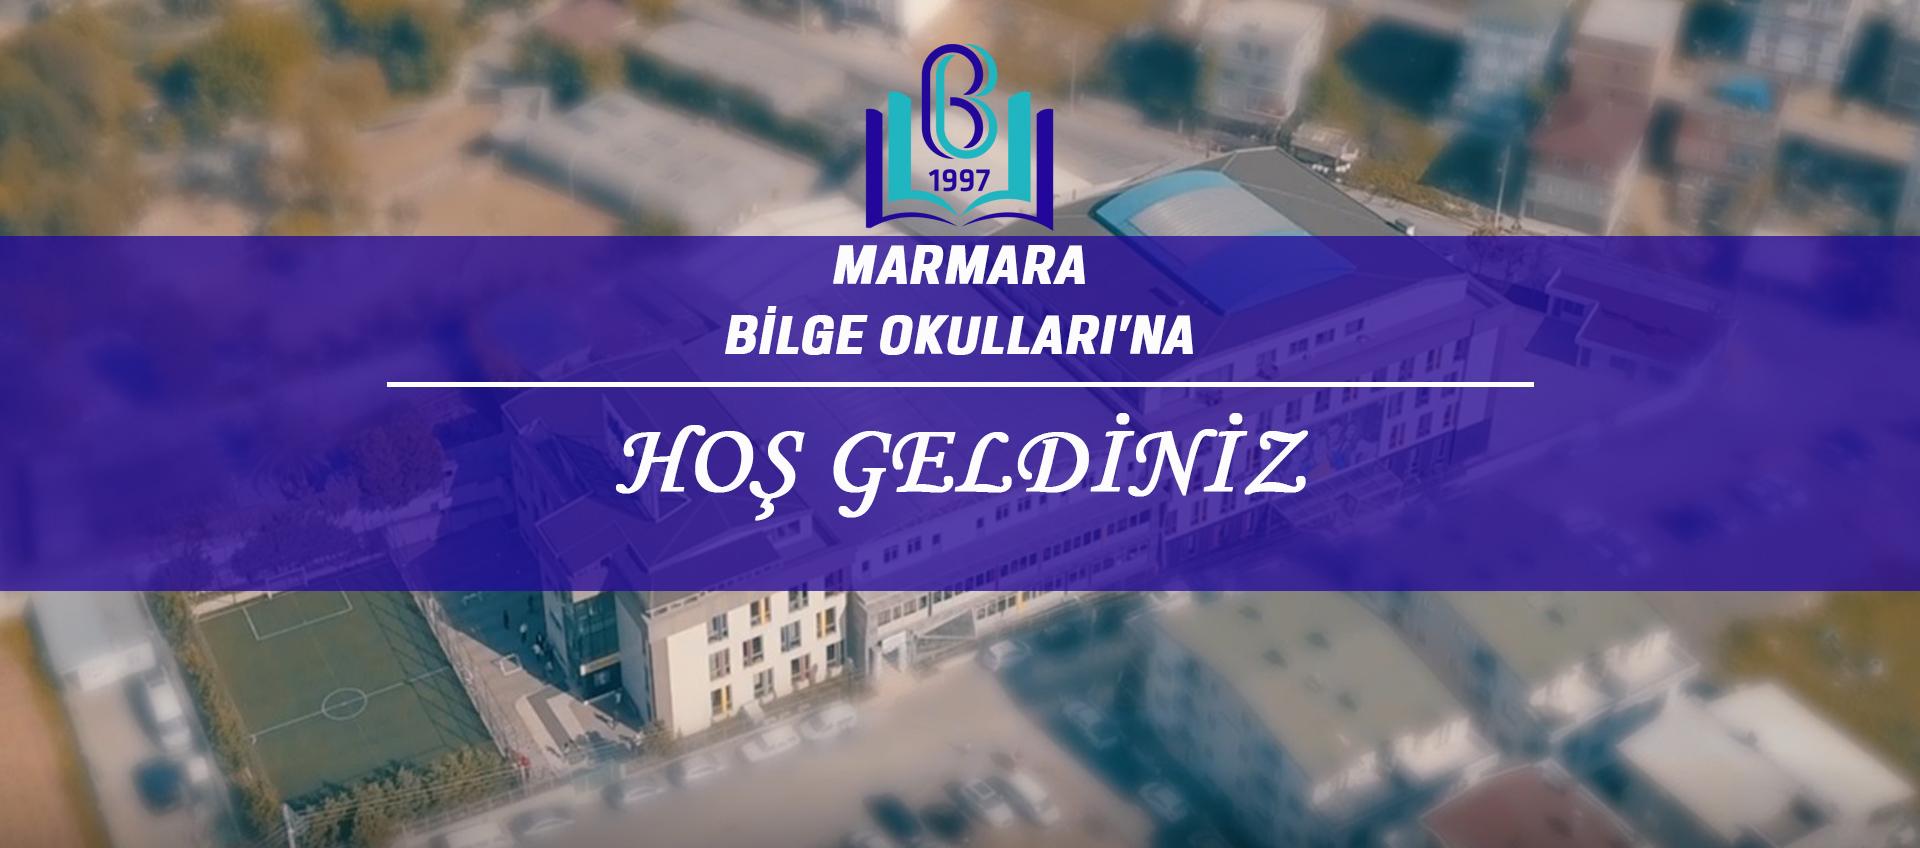 Marmara Bilge Okulları Hakkında